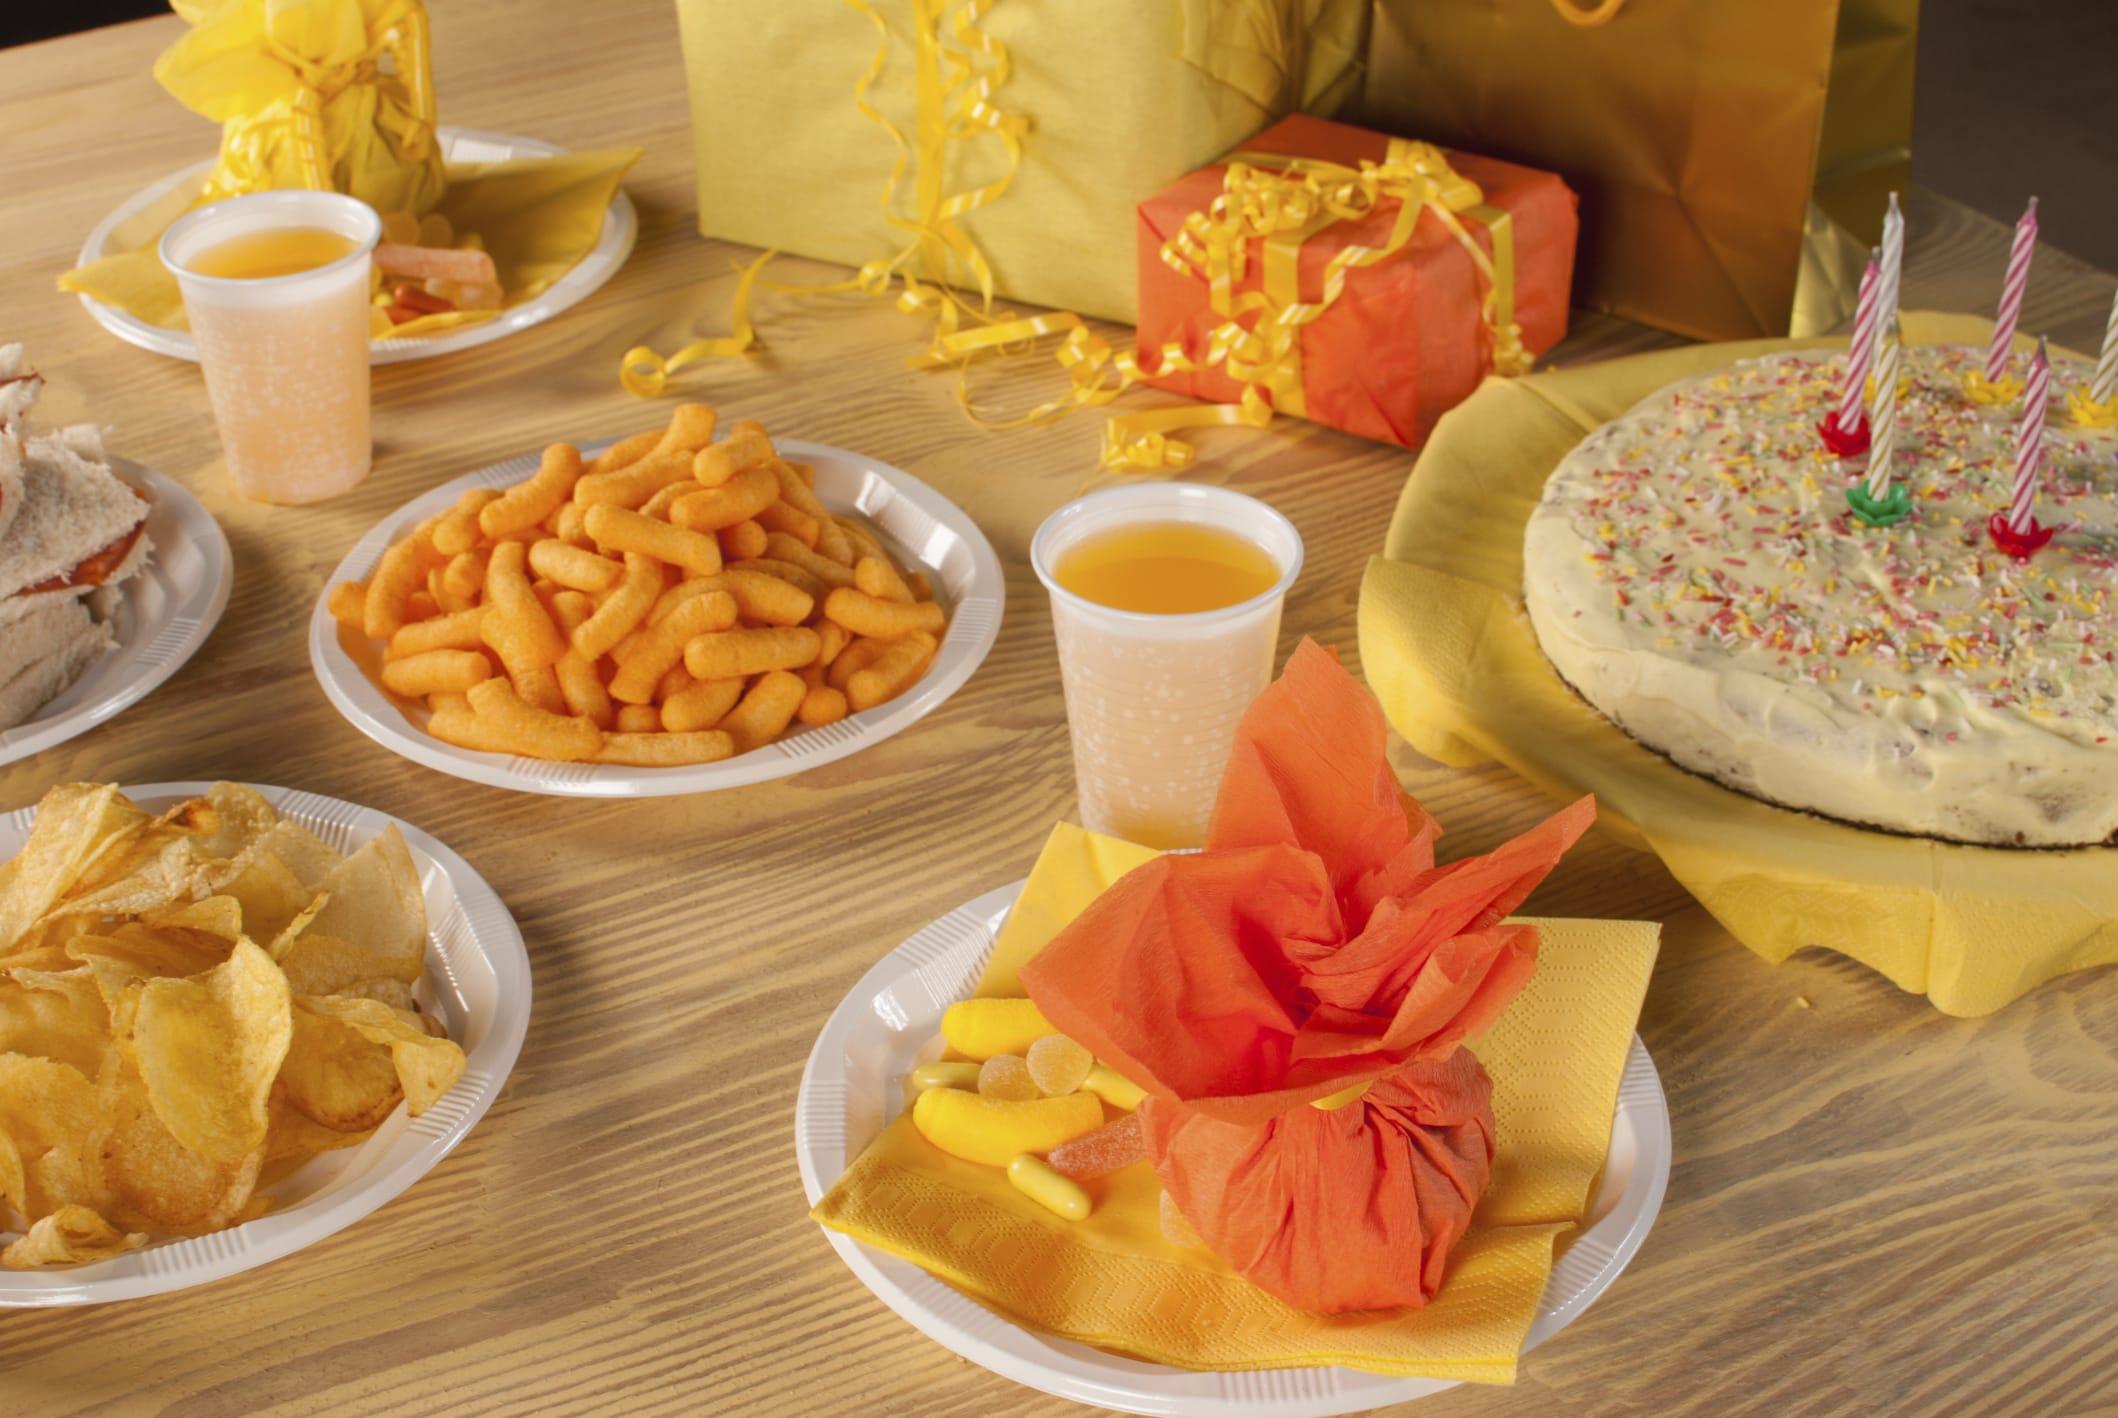 Festa Compleanno 40 Anni ricetta, biscotti, torta: organizzare compleanno 40 anni